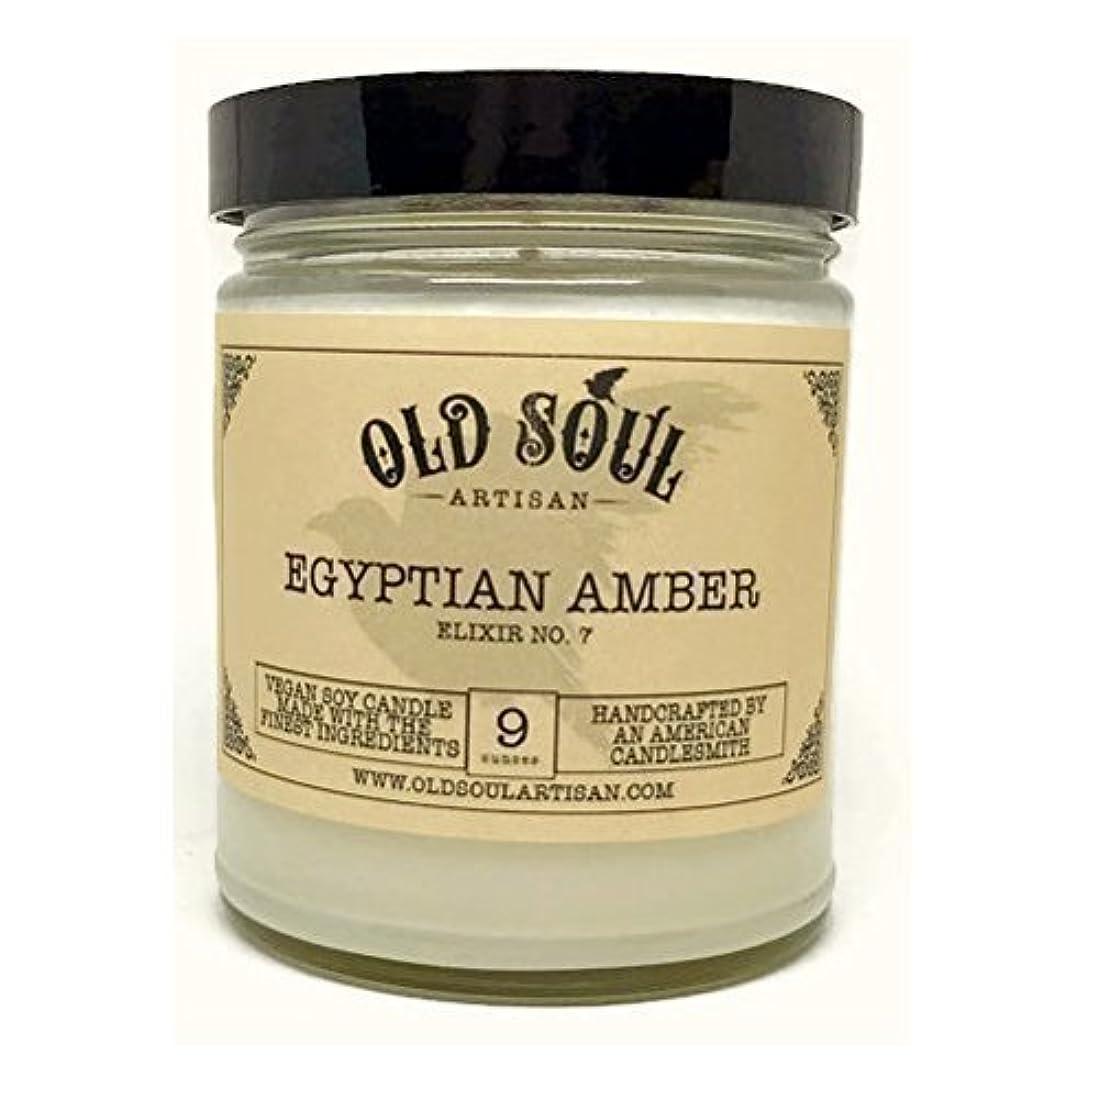 緩やかな喜劇願望Egyptian Amber Scented Vegan Jar Soy Candle - 9 oz [並行輸入品]